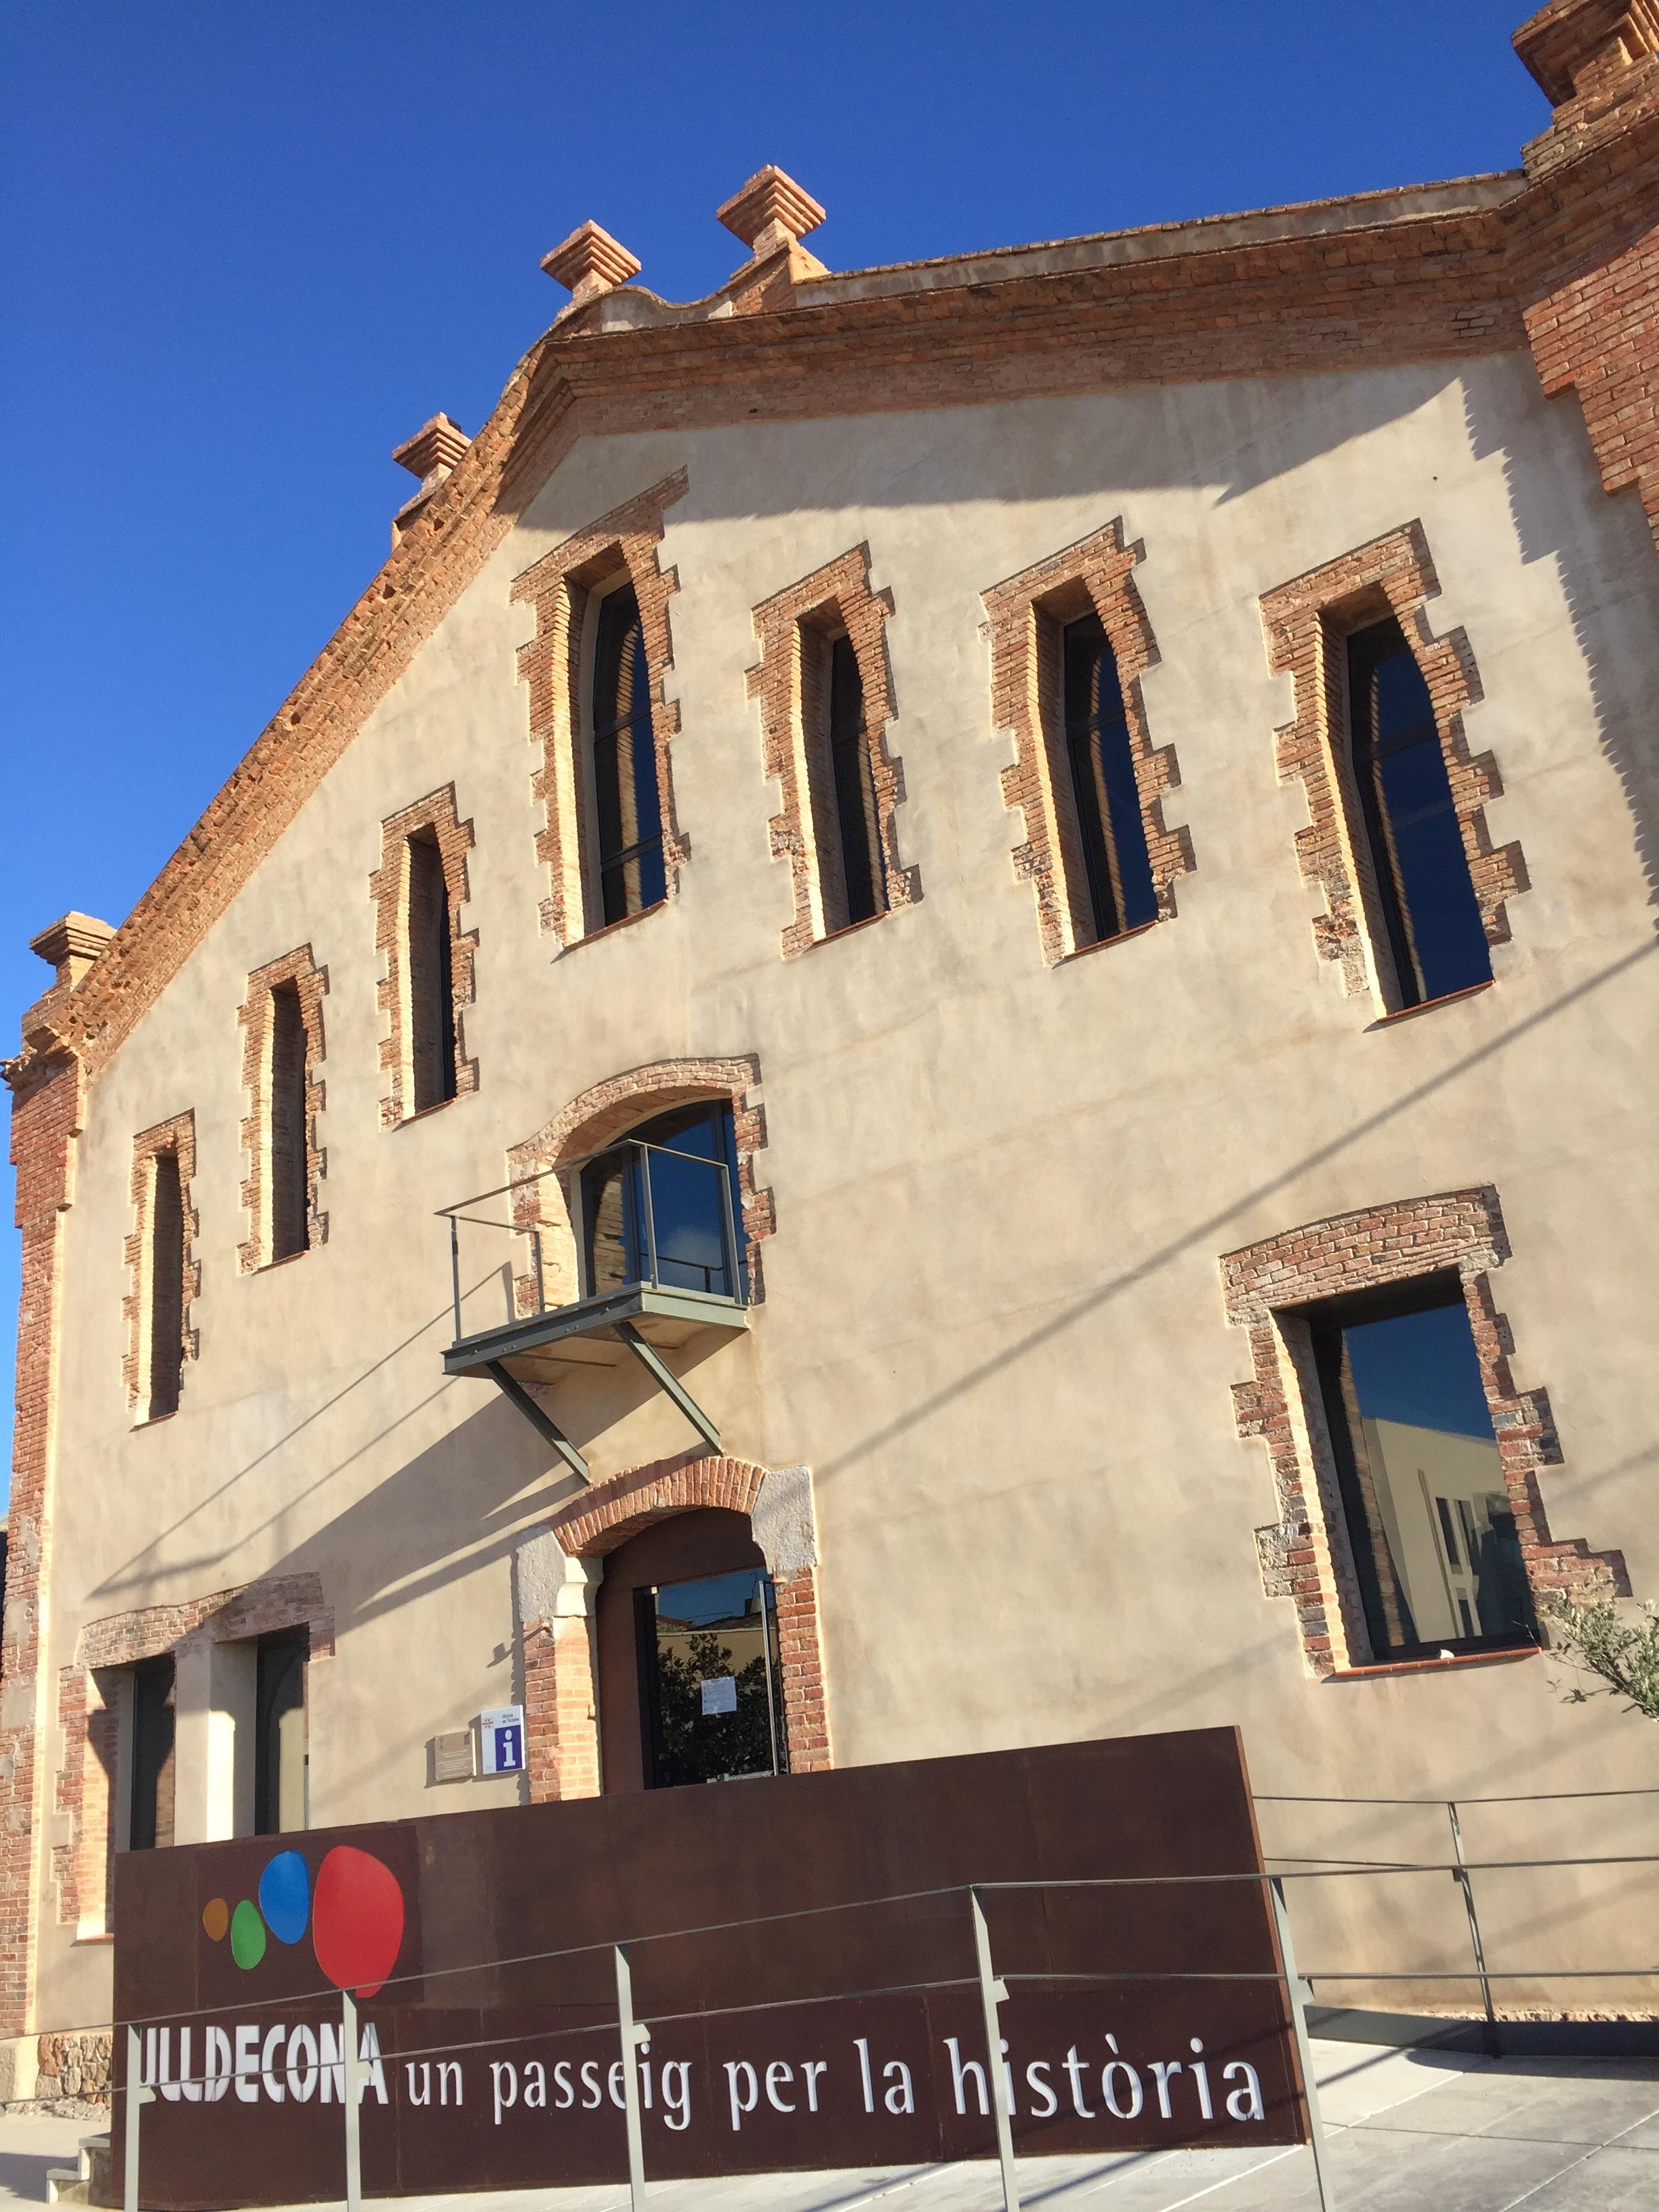 ulldecona tourist office.JPG